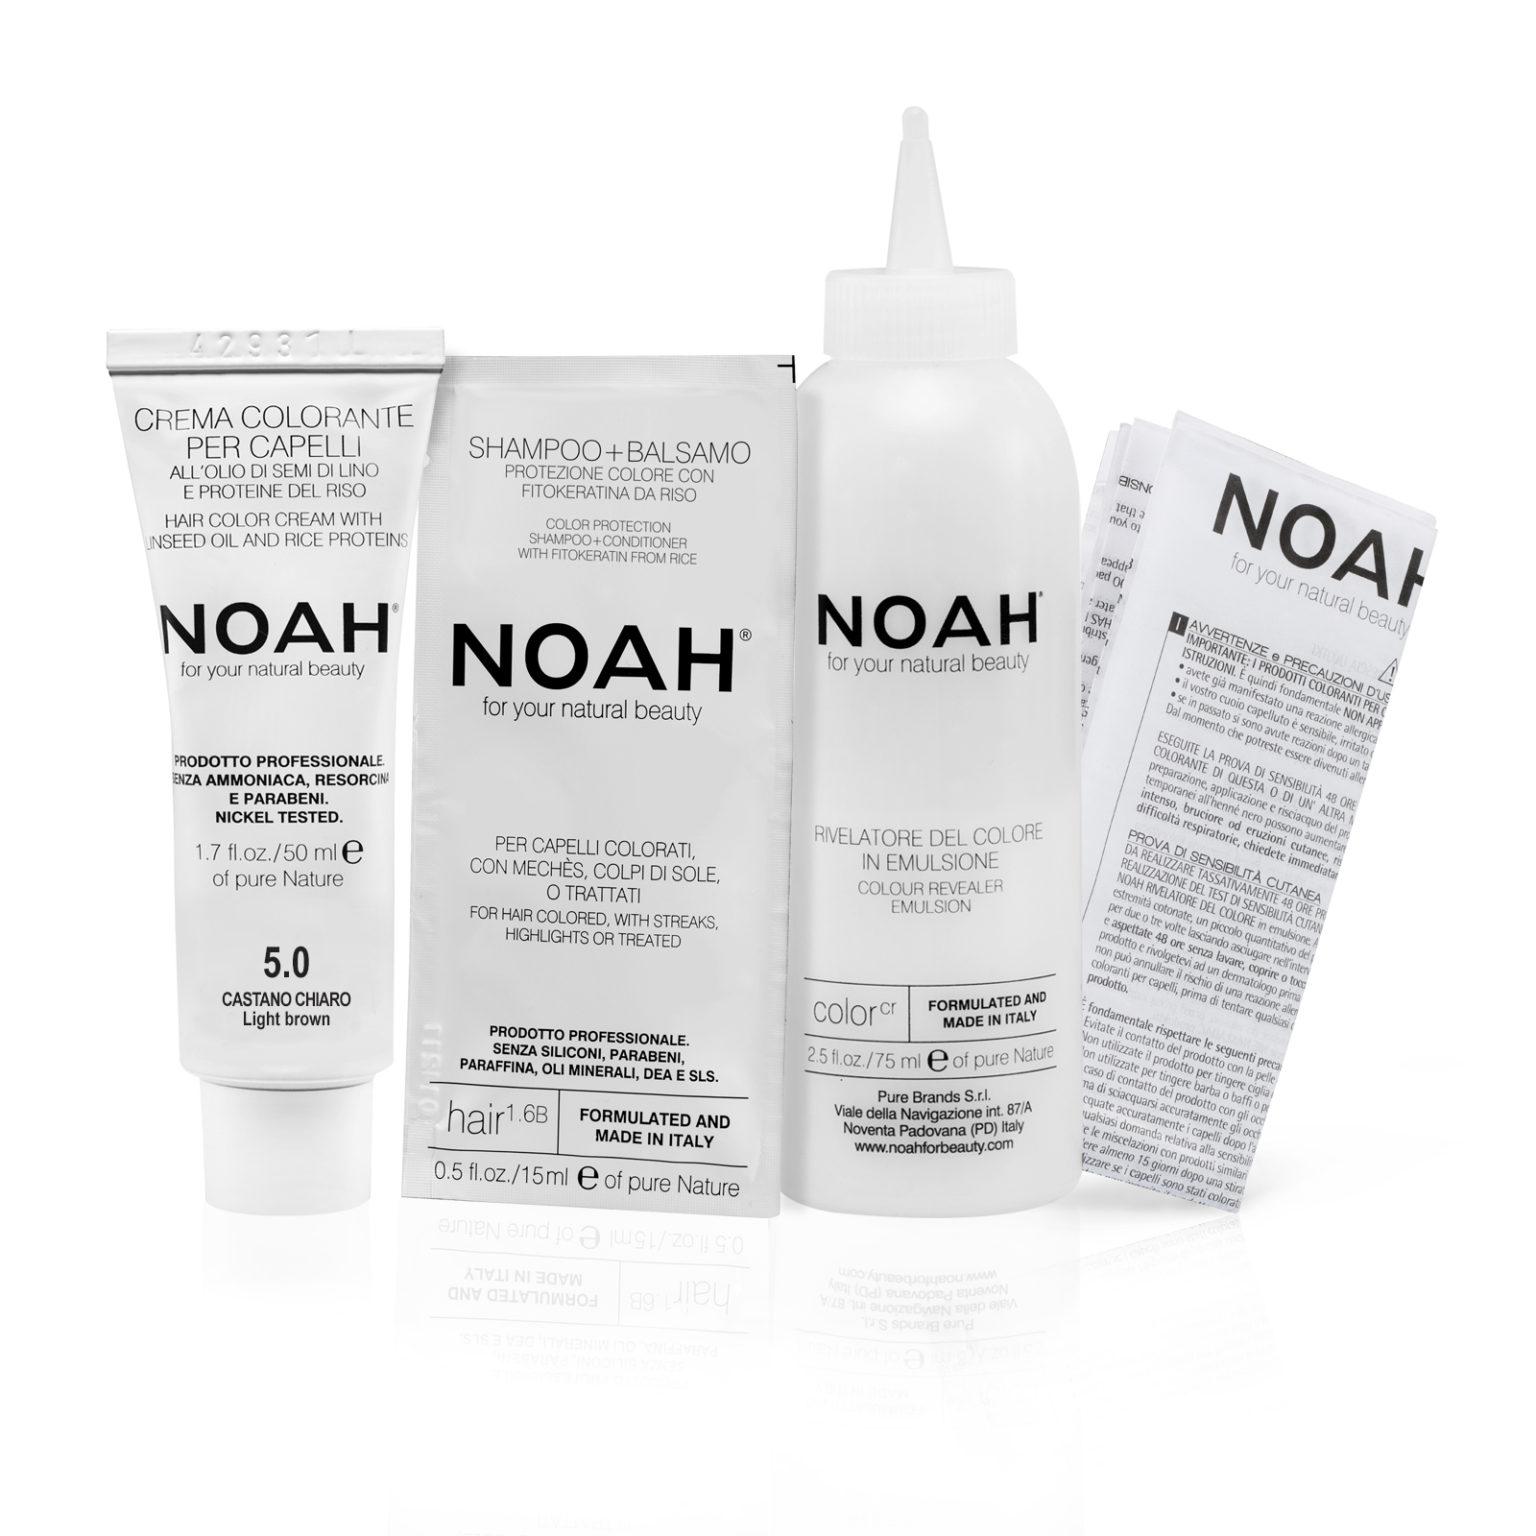 Tinta per capelli castano chiaro Color 5.0 NOAH